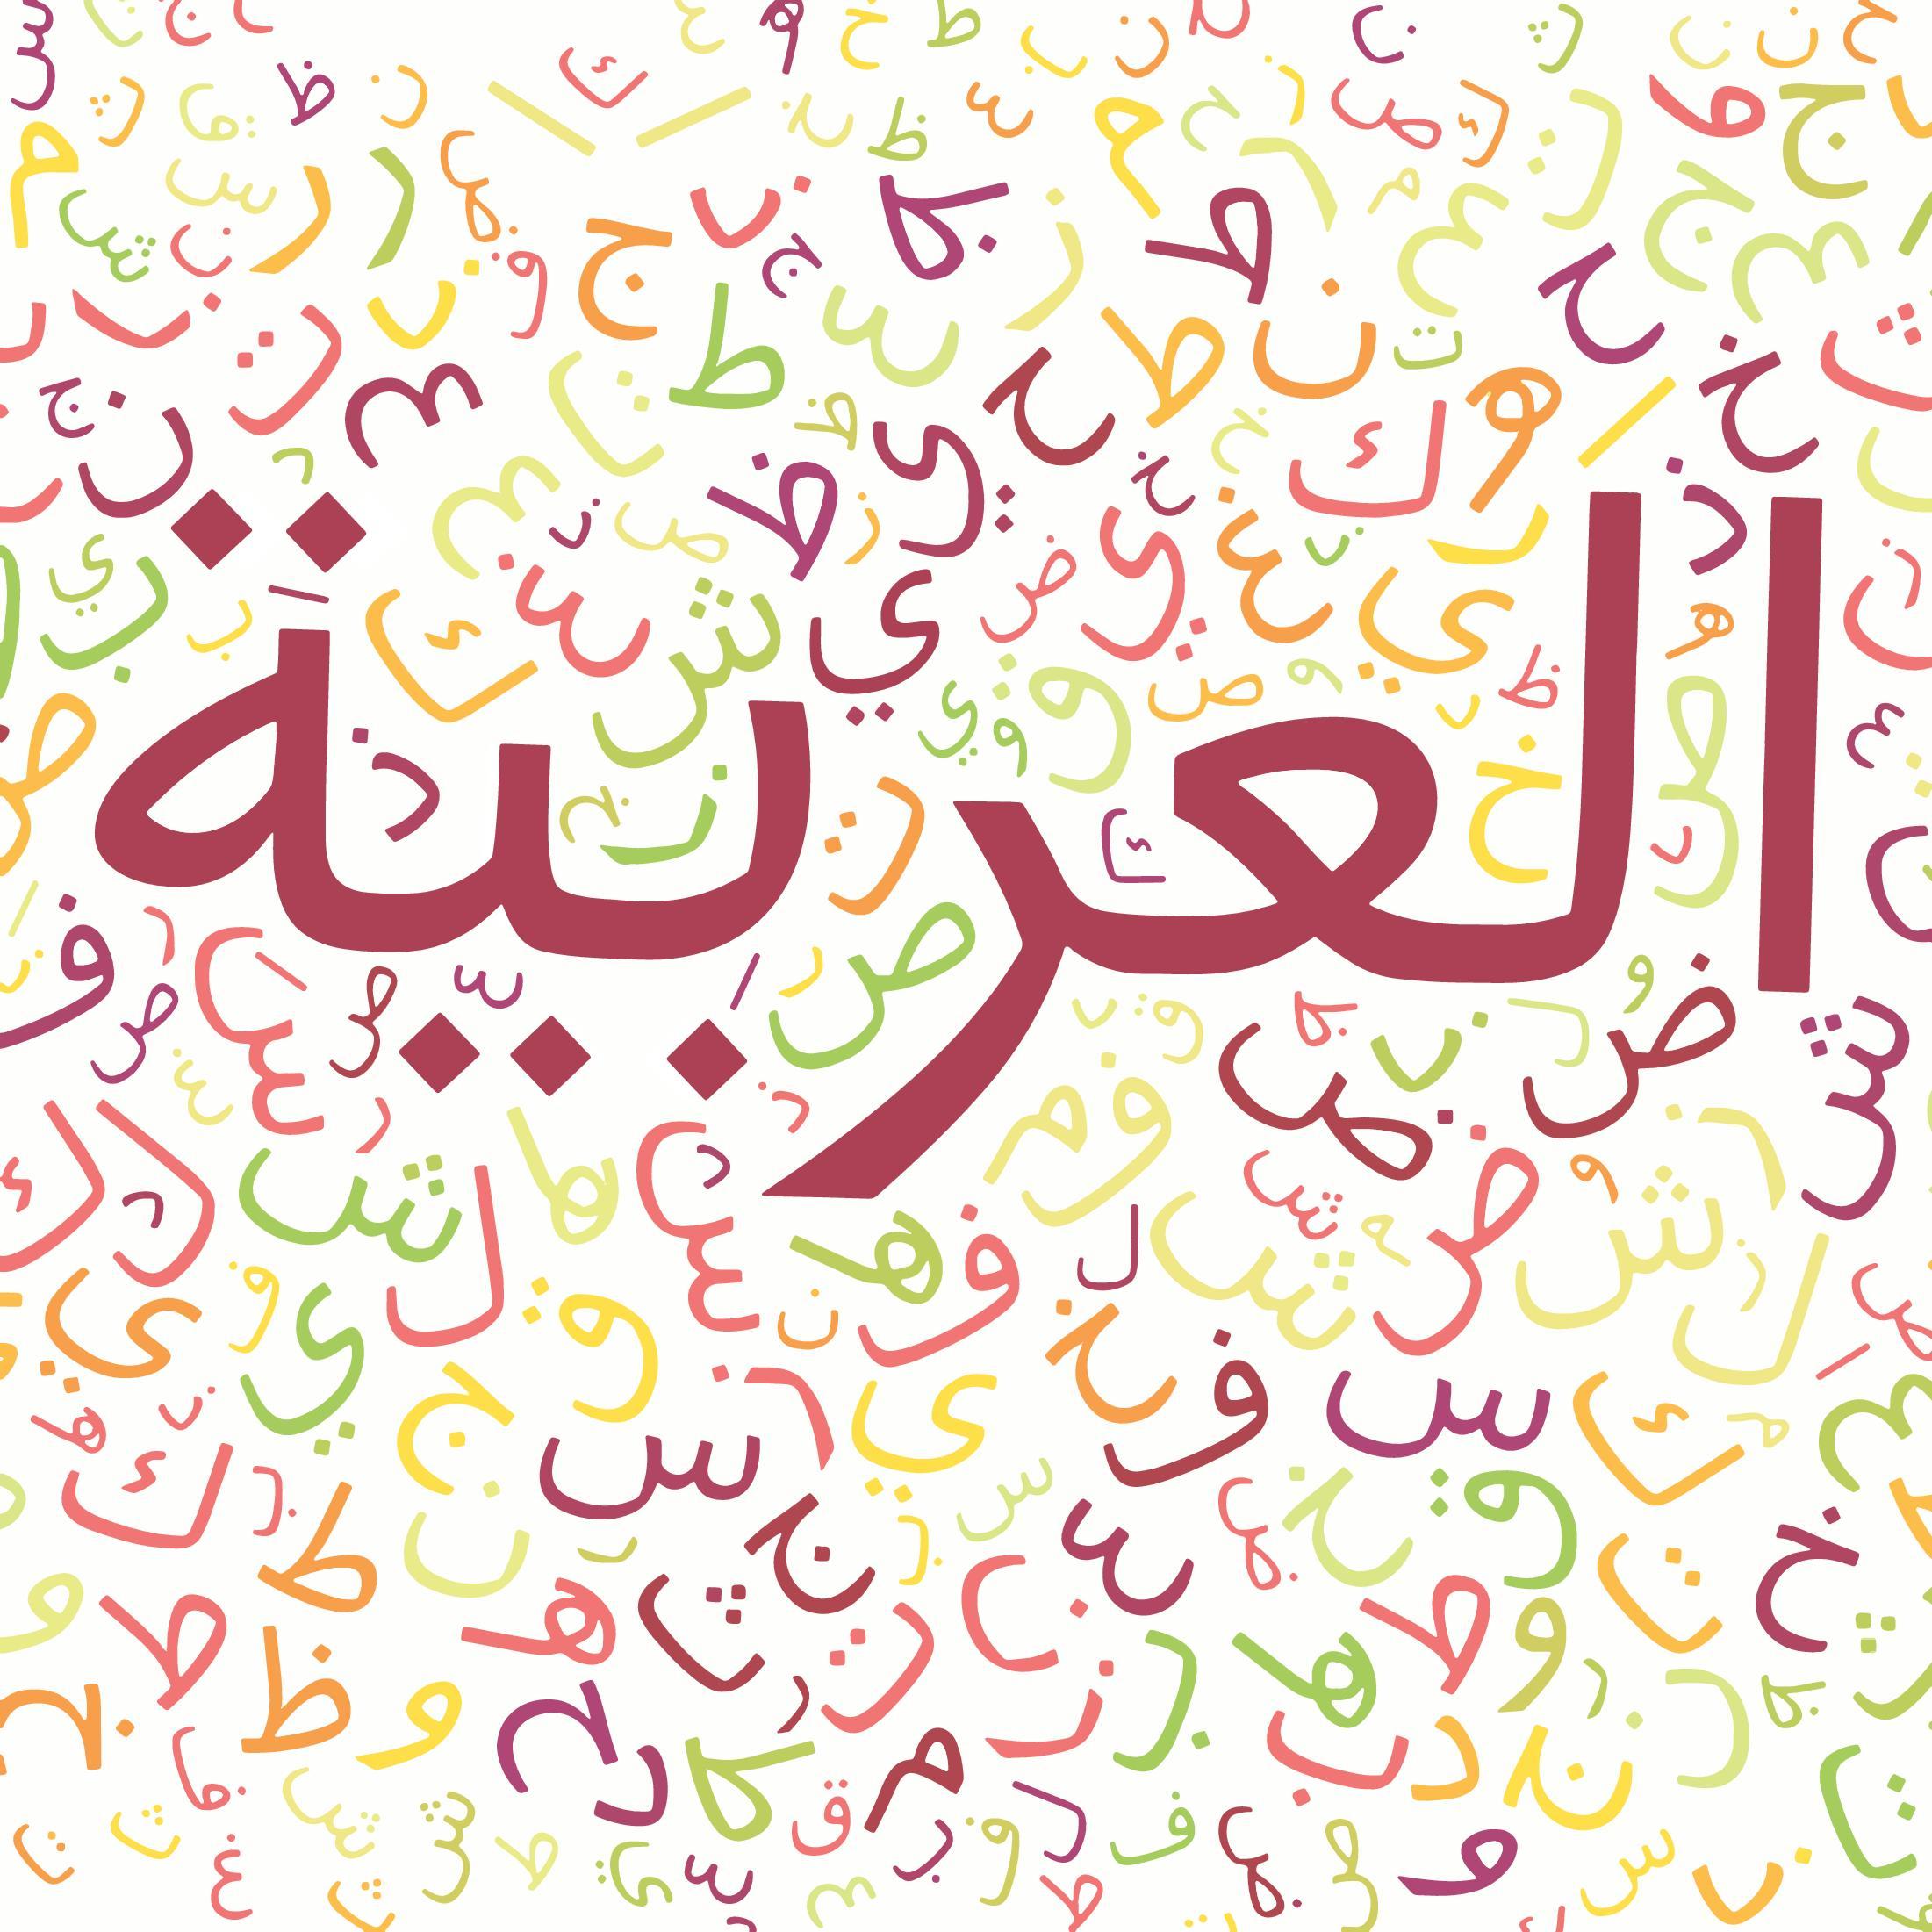 بالصور معلومات عن اللغه العربيه , حقائق و معلومات حول اللغه العربيه 774